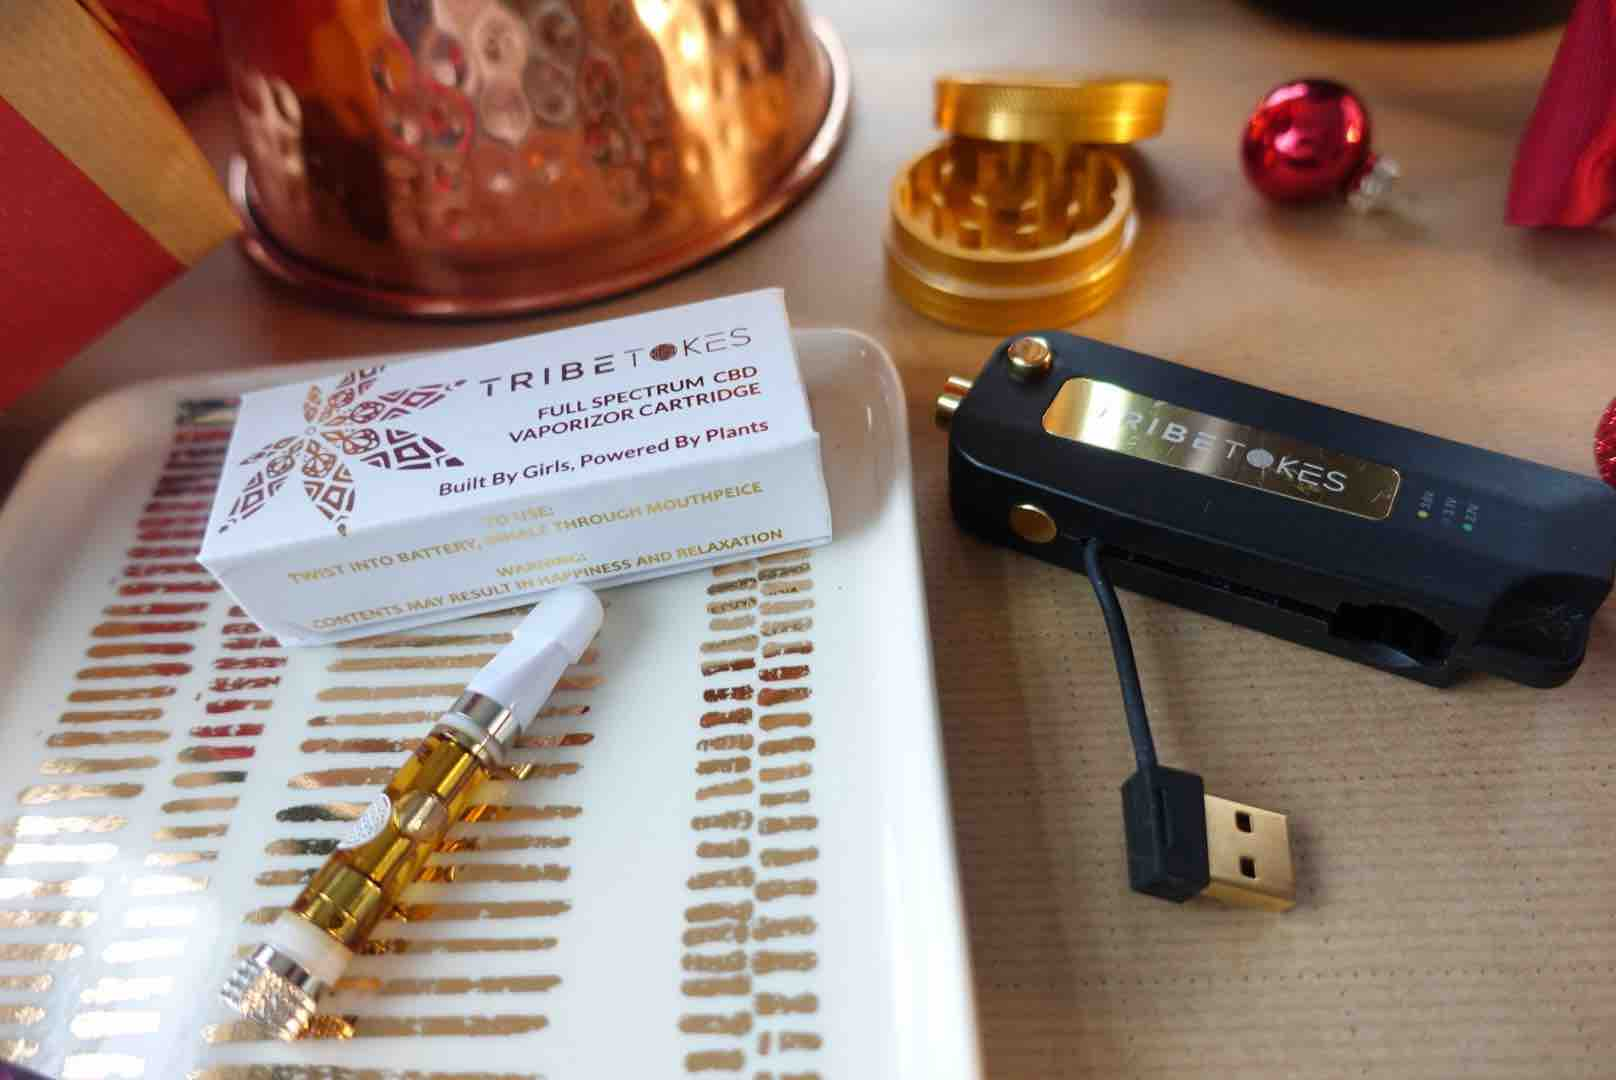 Tribe Tokes CBD Vape Gift